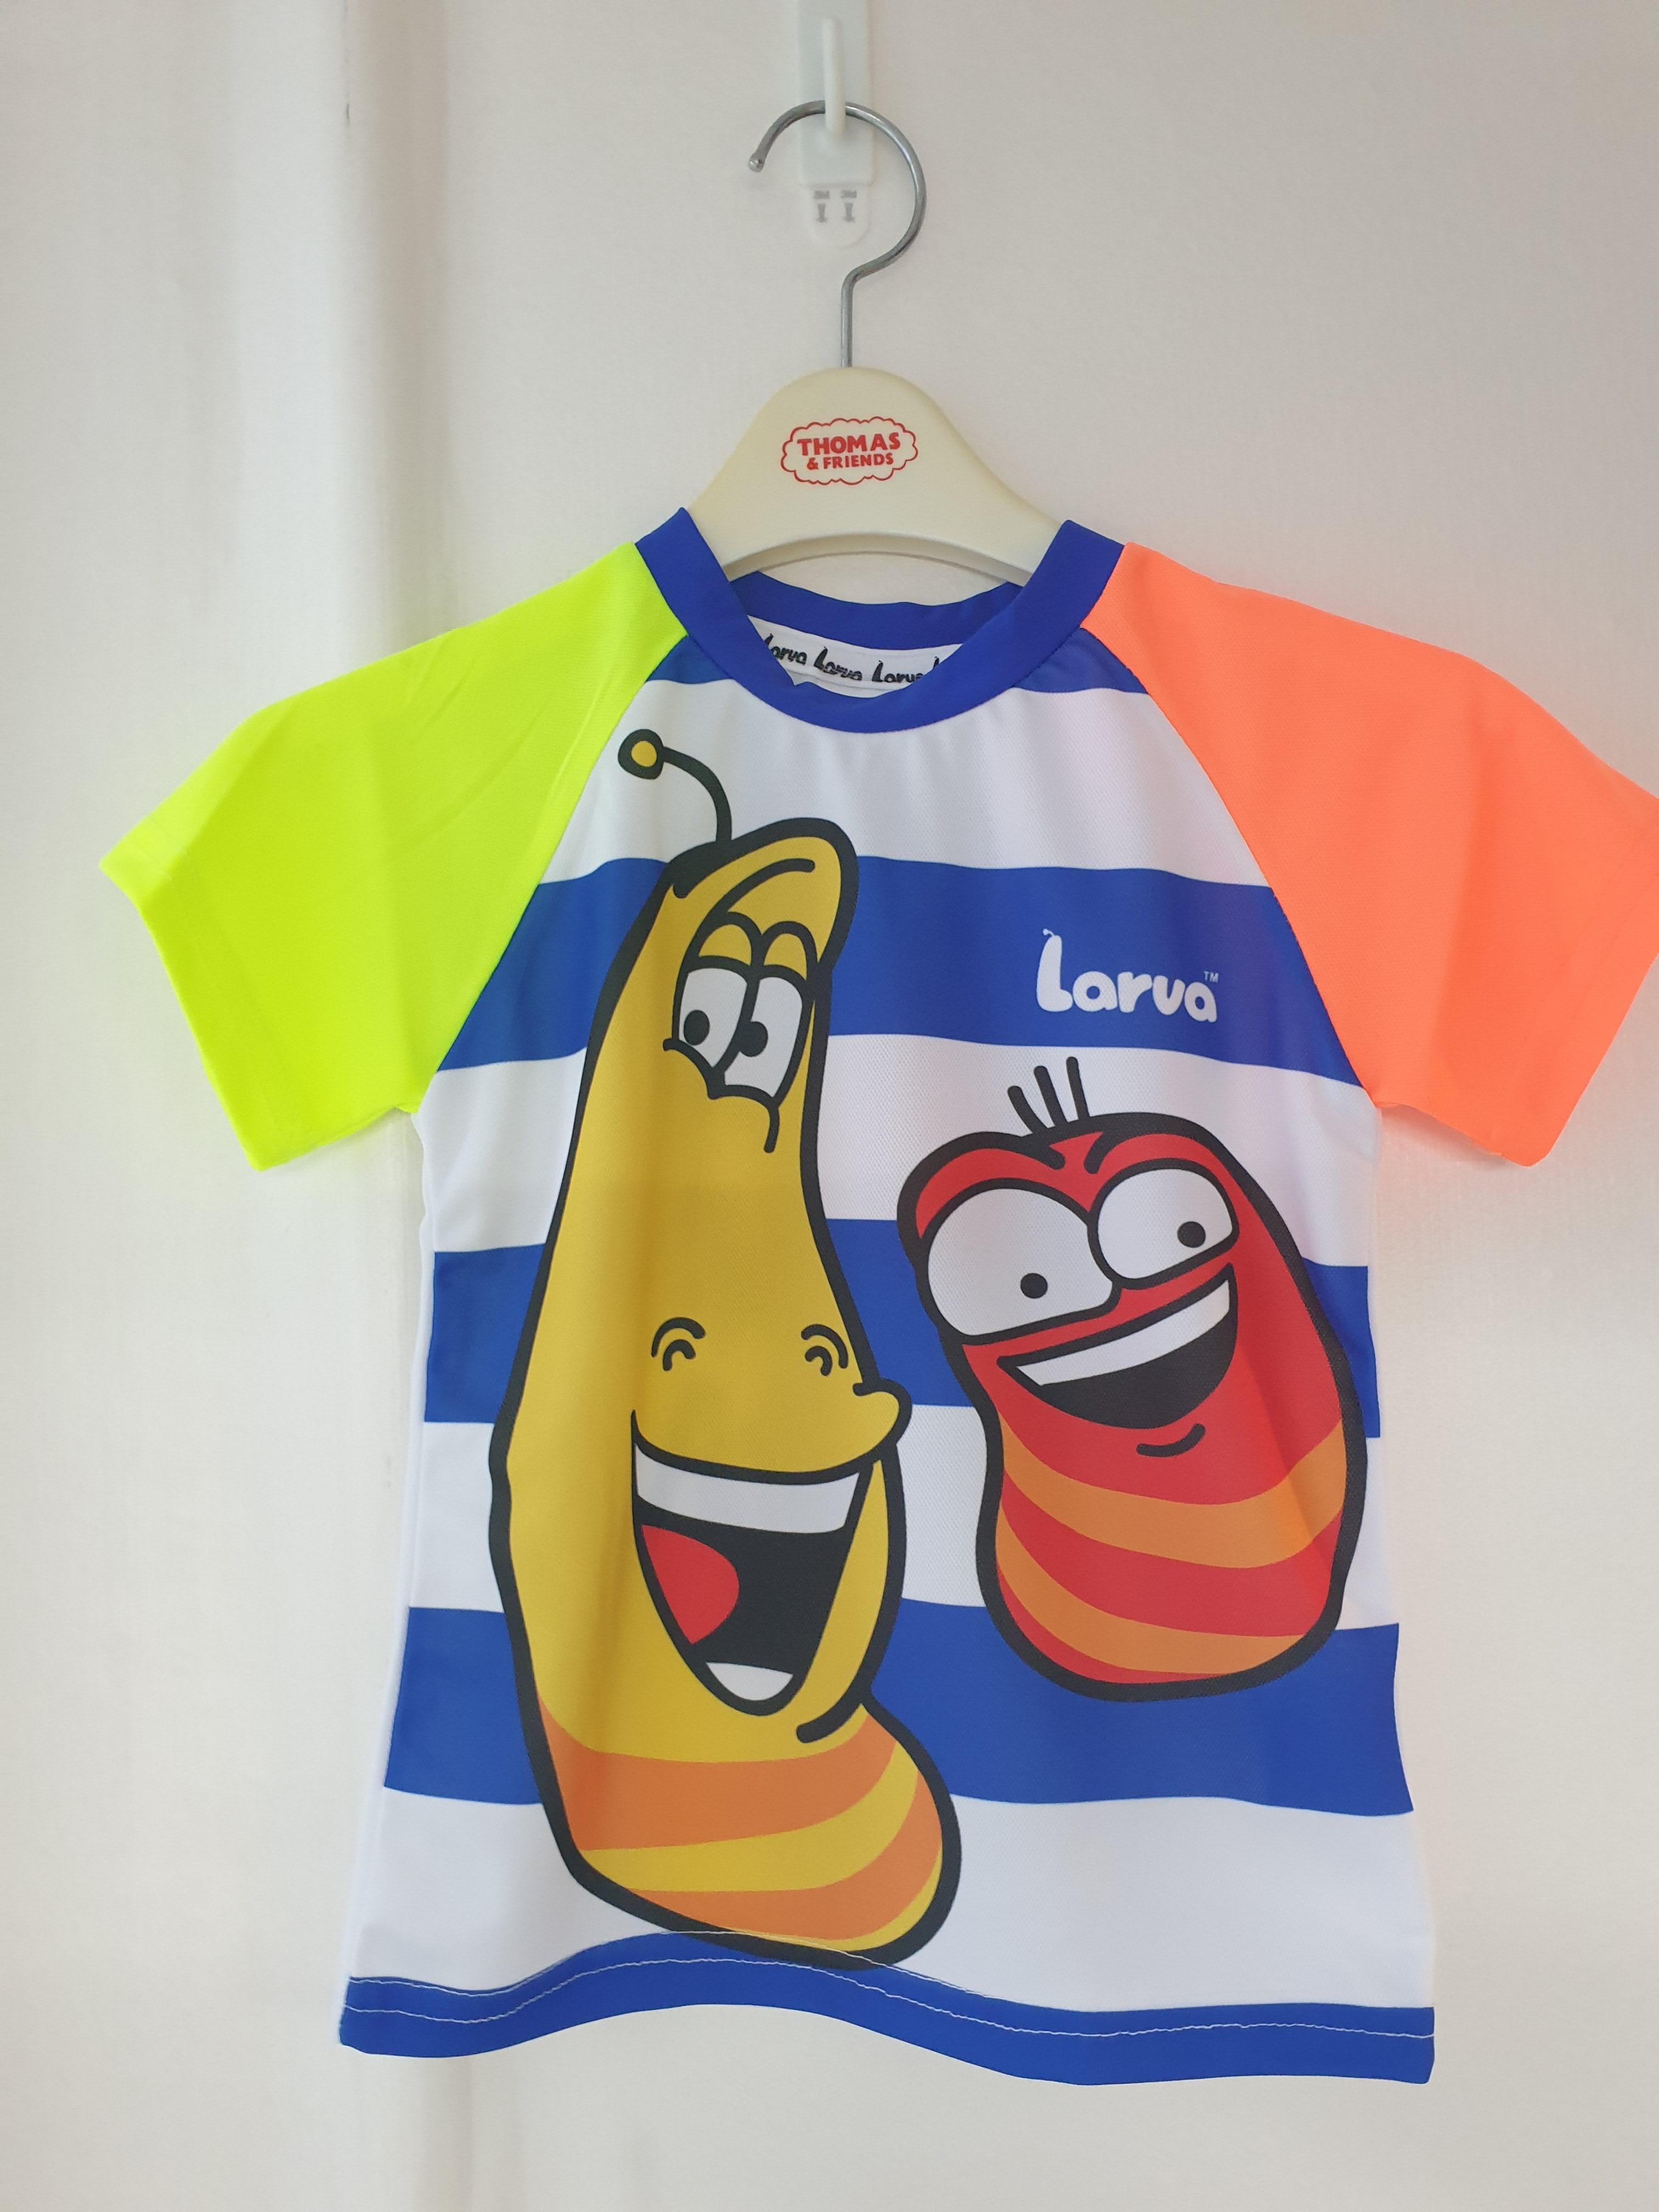 스마트 스토어에서 구입가능한 상품입니다. 라바 냉장고 반팔 티셔츠